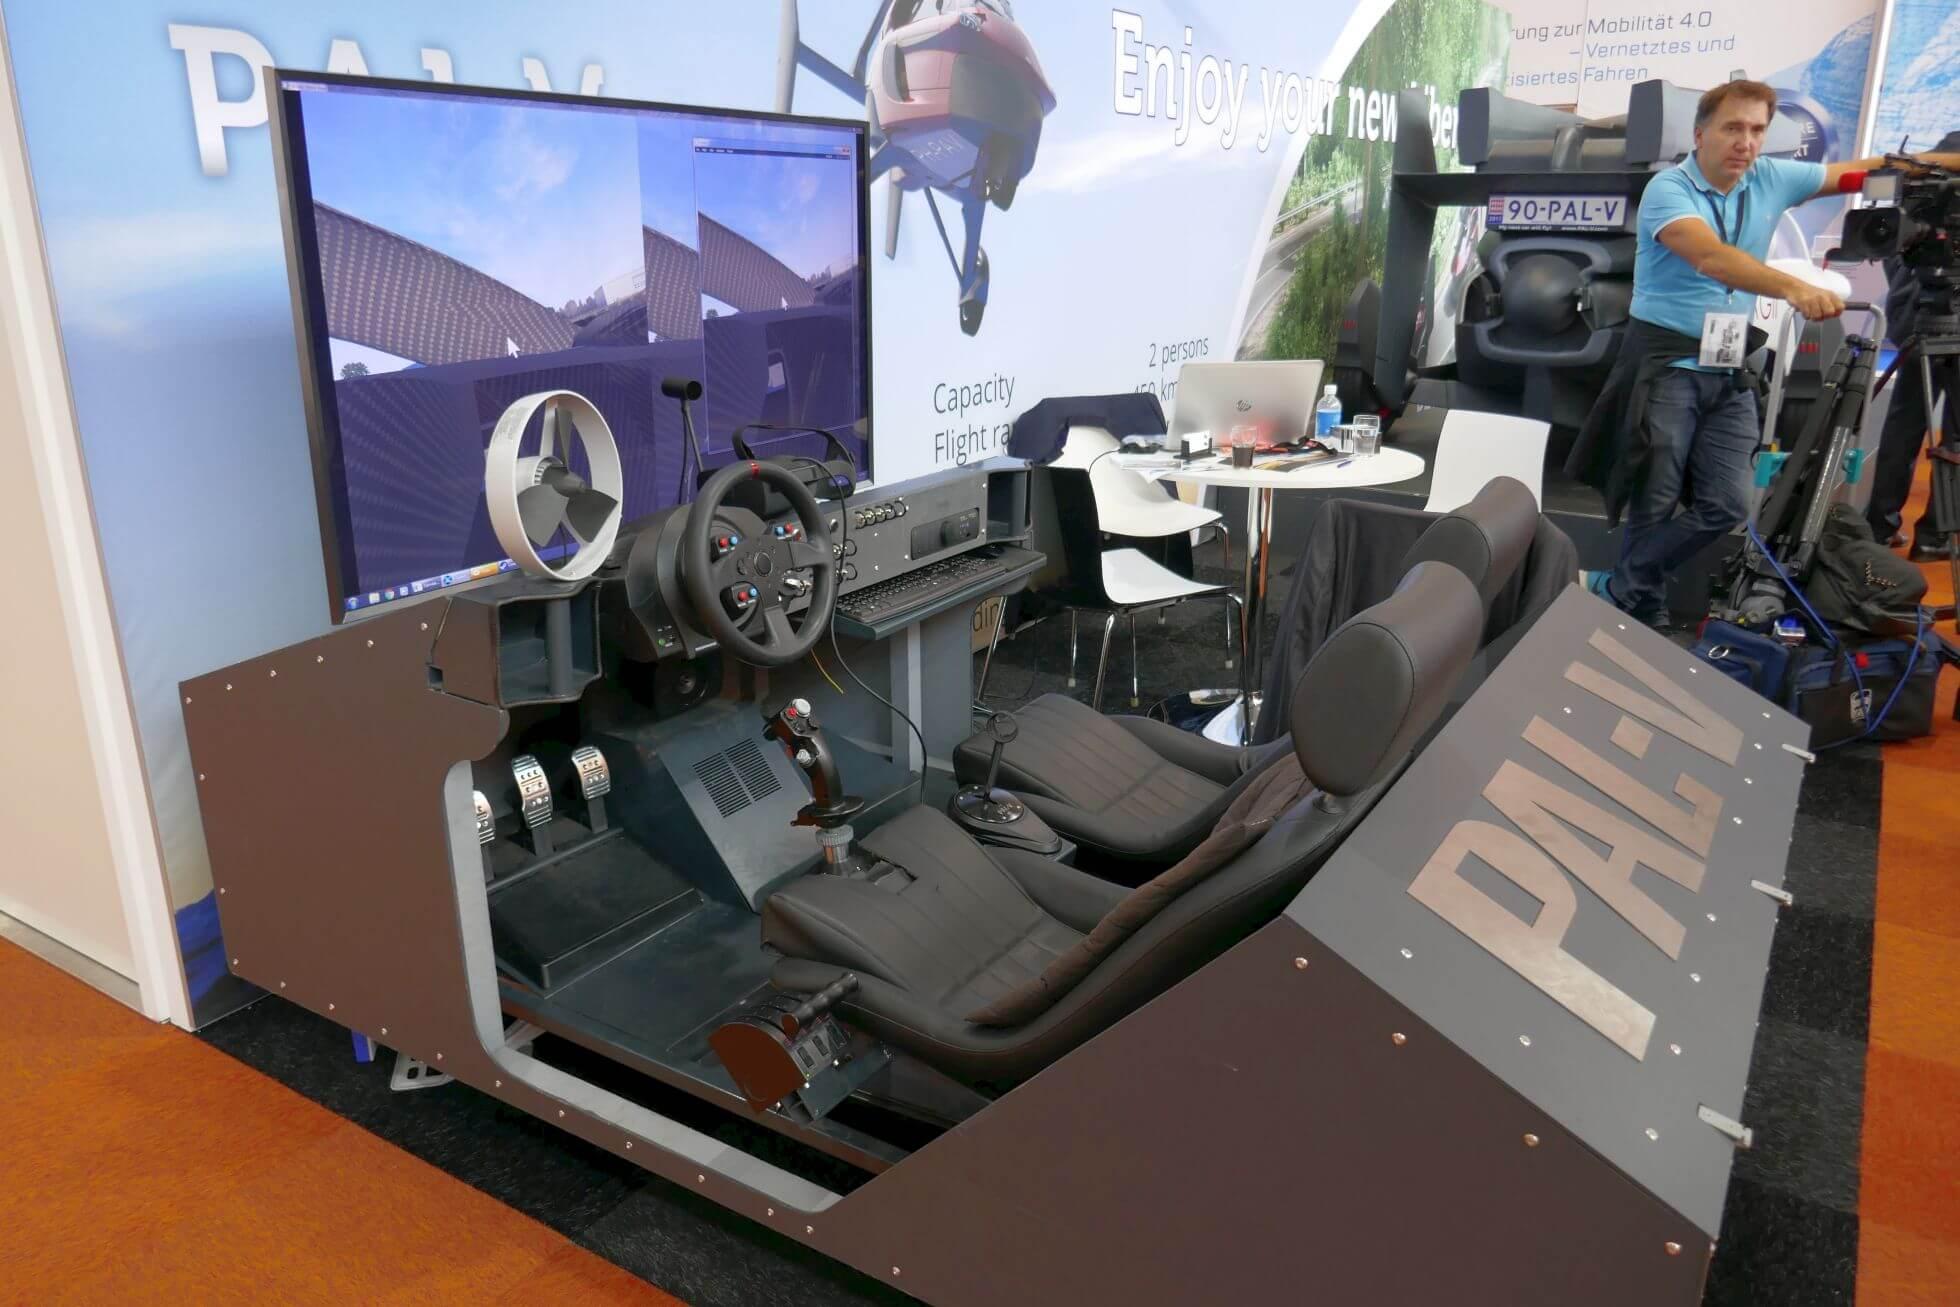 Ausnahmsweise kein Auto- sondern Flugsimulator bietet das Start-up PAL-V.